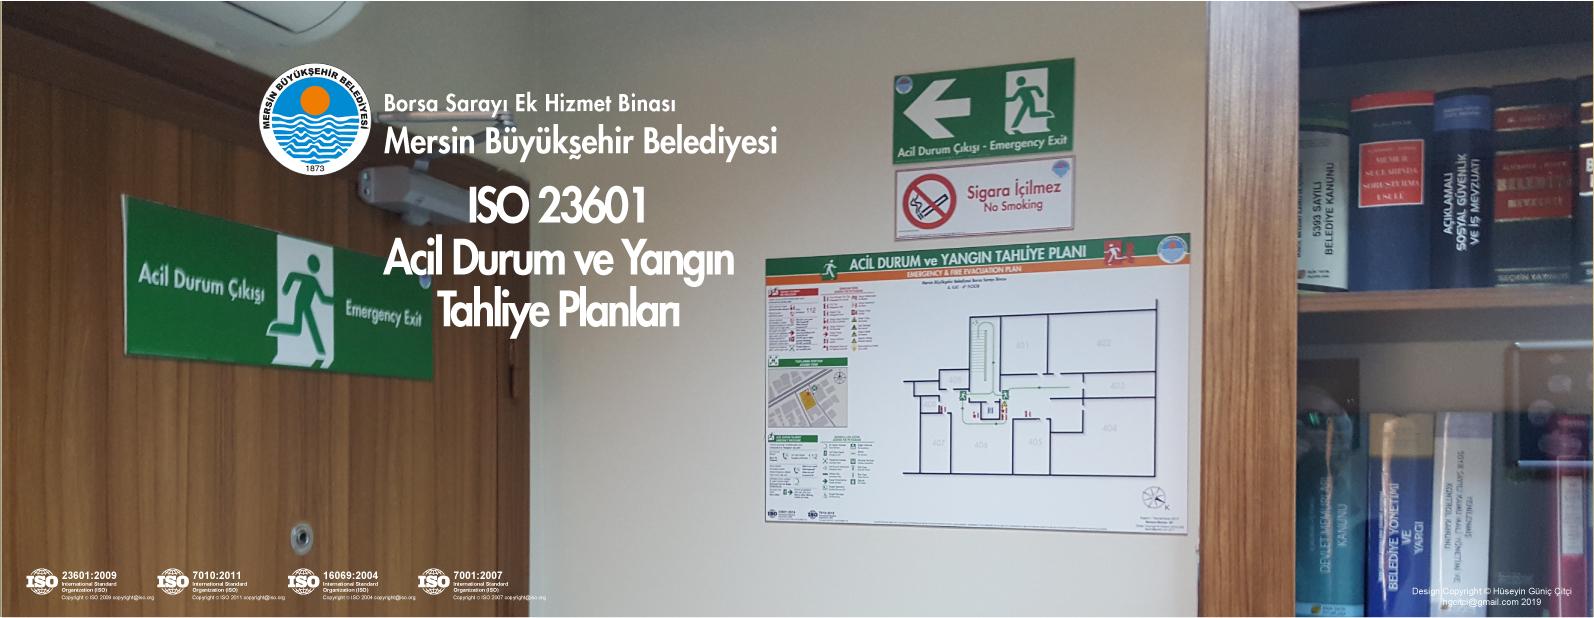 Borsa Sarayı Hizmet Binası Mersin Büyükşehir Belediyesi ISO 23601 Acil Durum Ve Yangın Tahliye Kat Planları